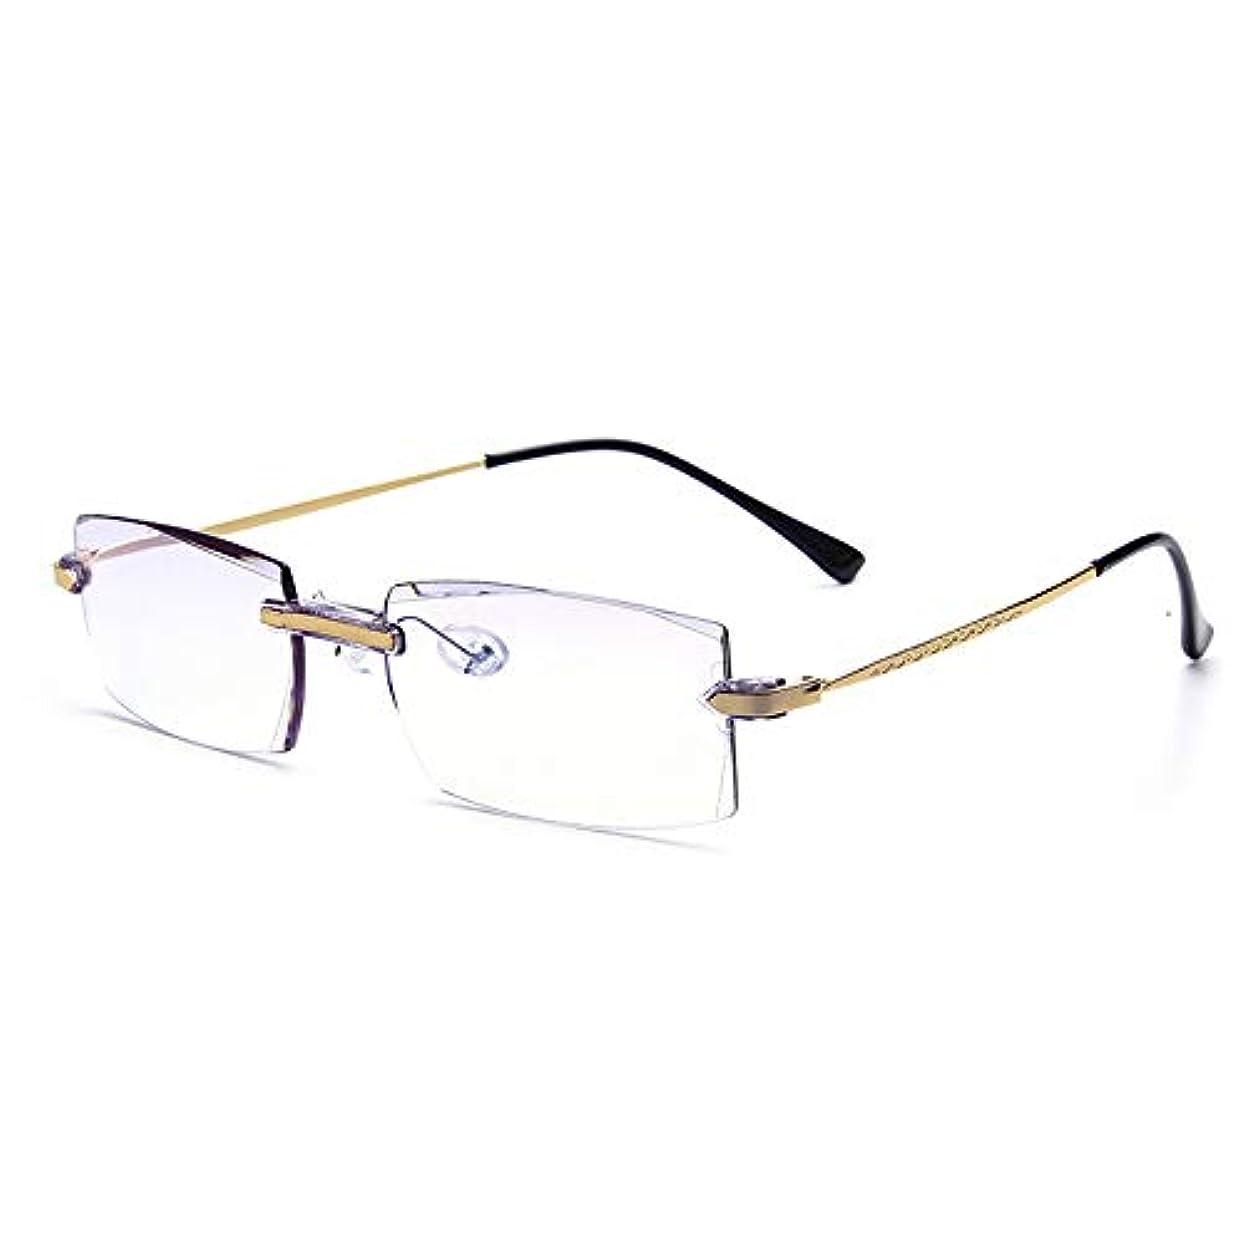 ファッションフレームレス老眼鏡抗放射線抗青色光抗疲労,+3.0